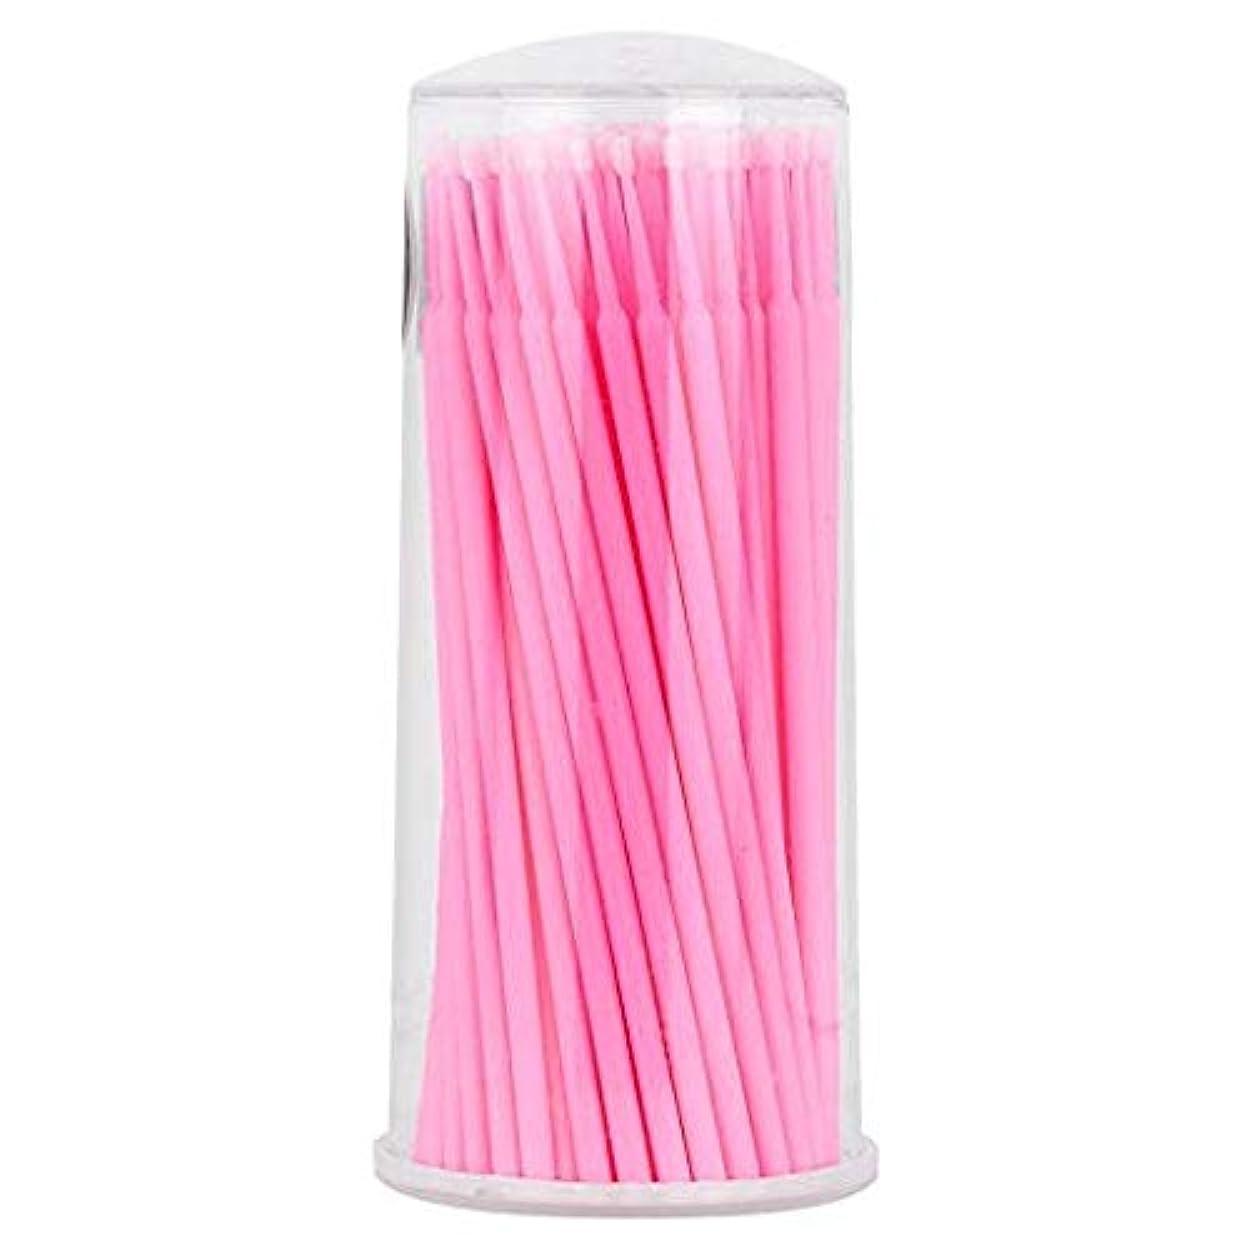 成果耐久香り大広間および家の使用のために適した100部分の使い捨て可能なまつげ延長ブラシ (ピンク)